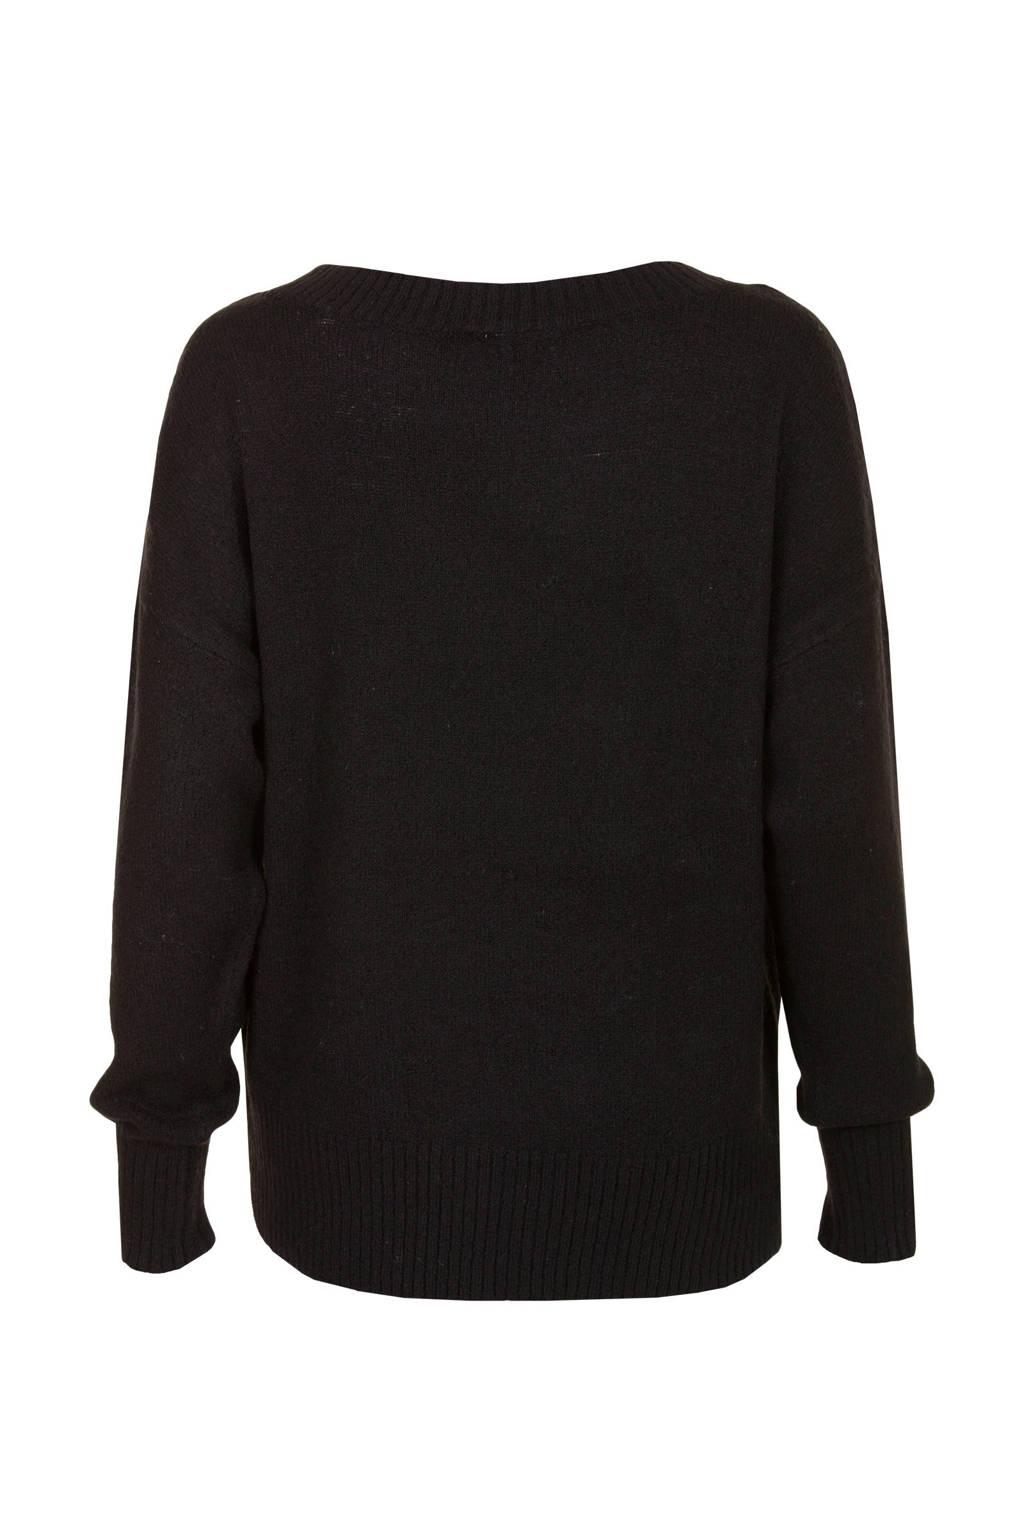 Miss Etam Regulier trui met knoopdetails zwart, Zwart